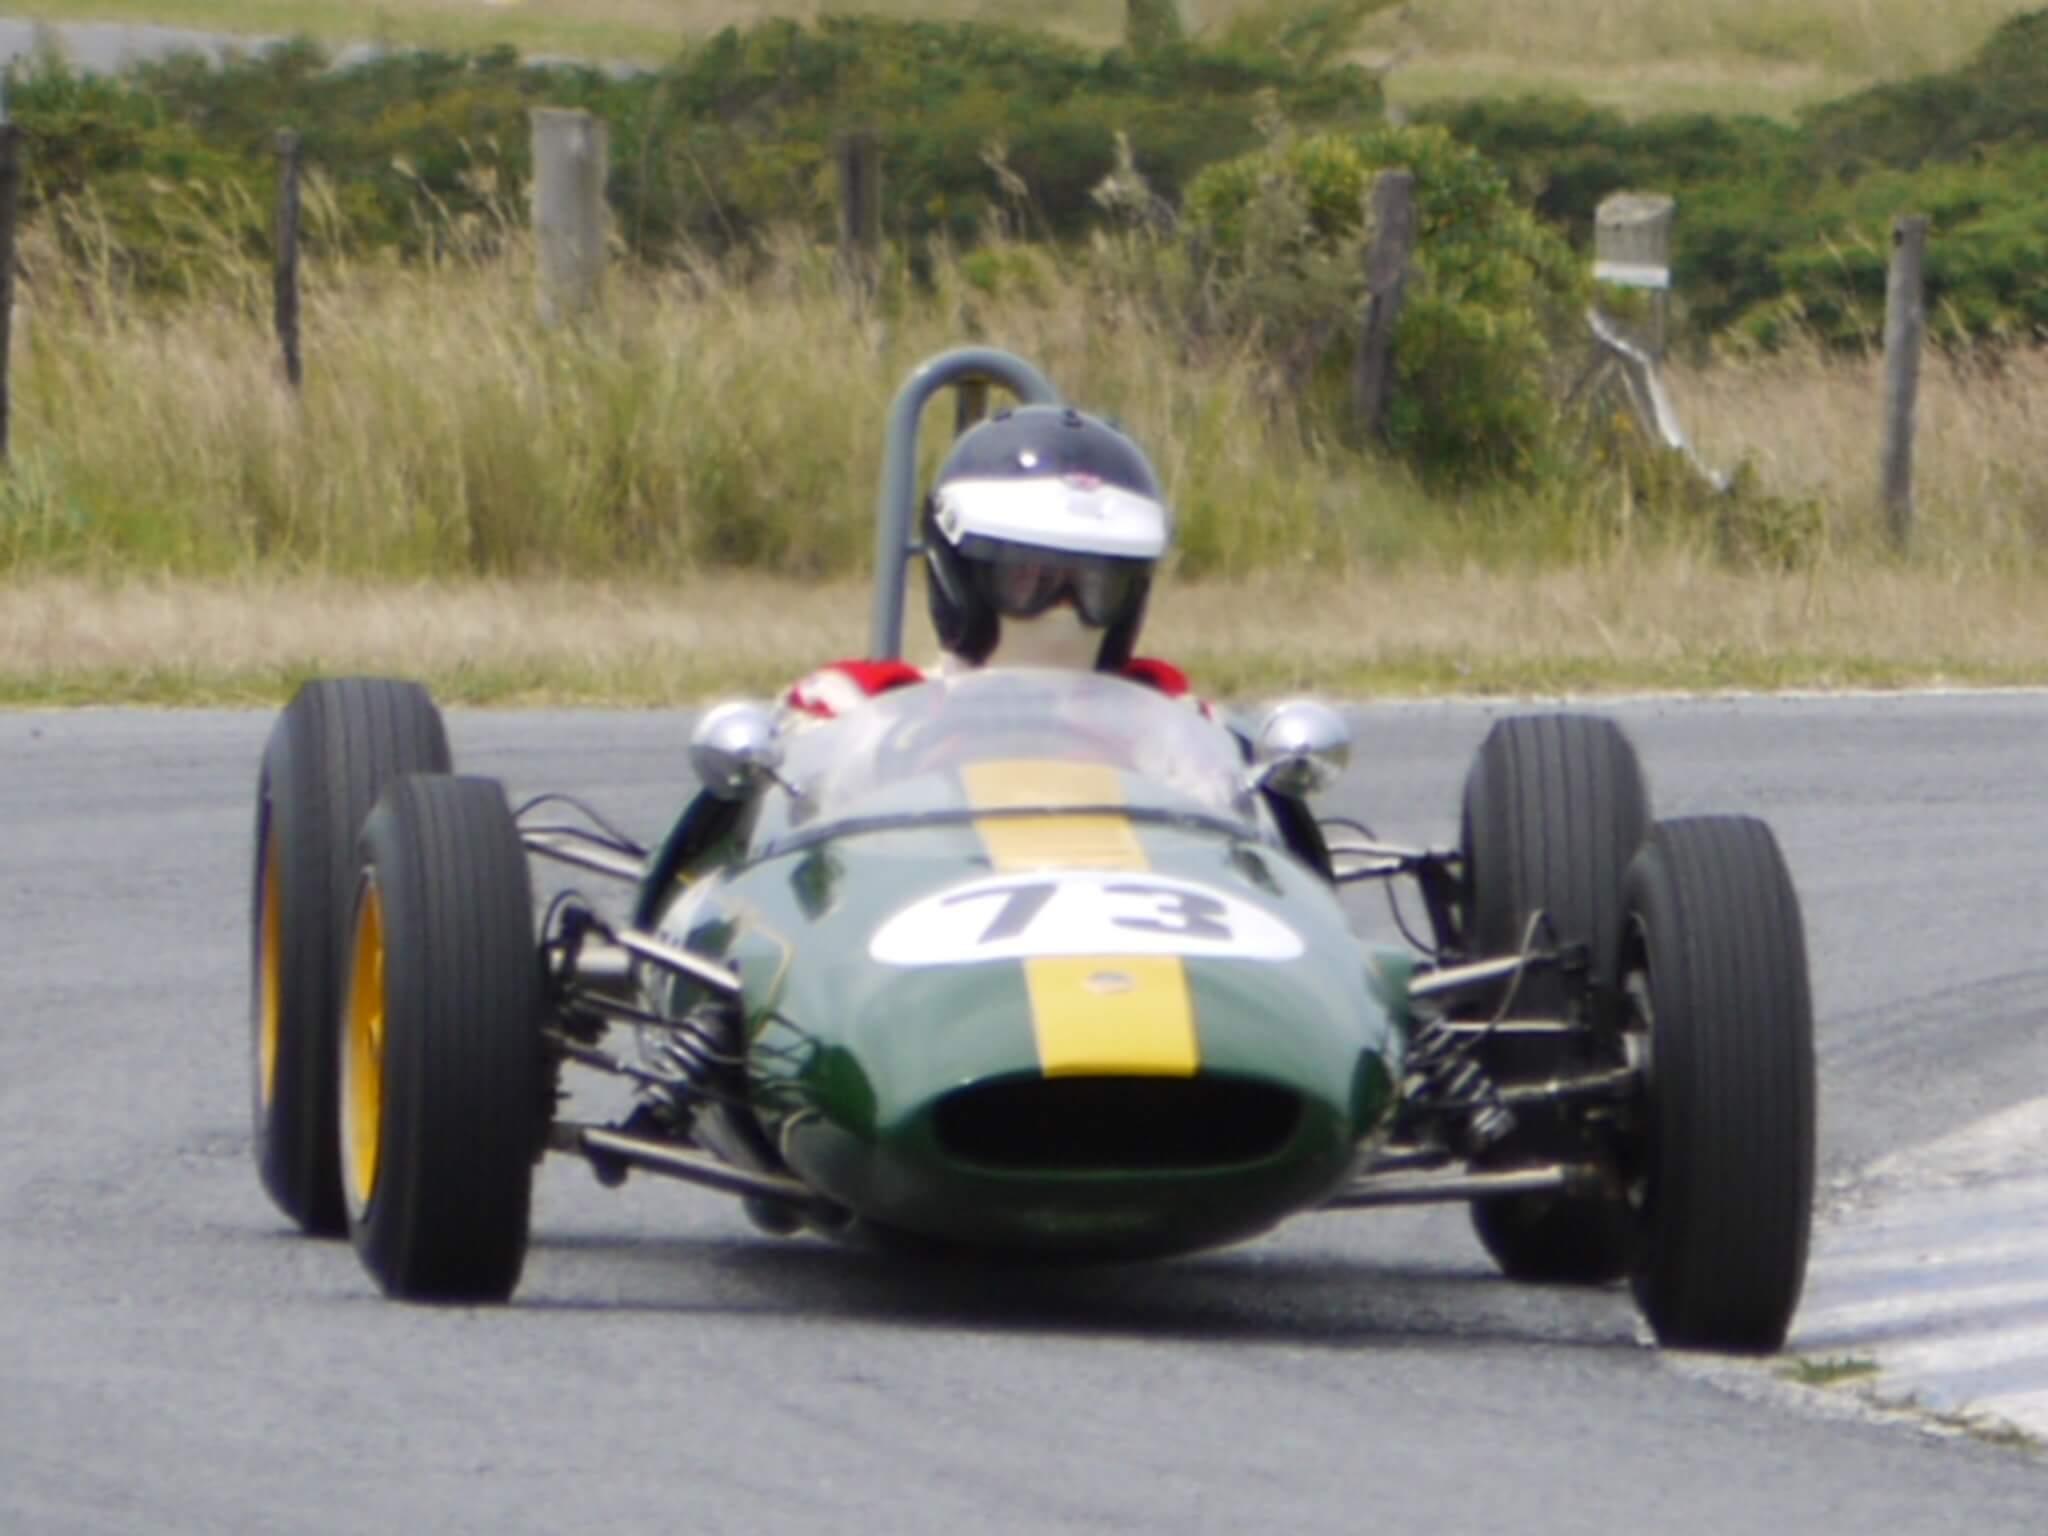 Lotus 20 22 Fj Racing Car Formula Junior Marques Fjhra